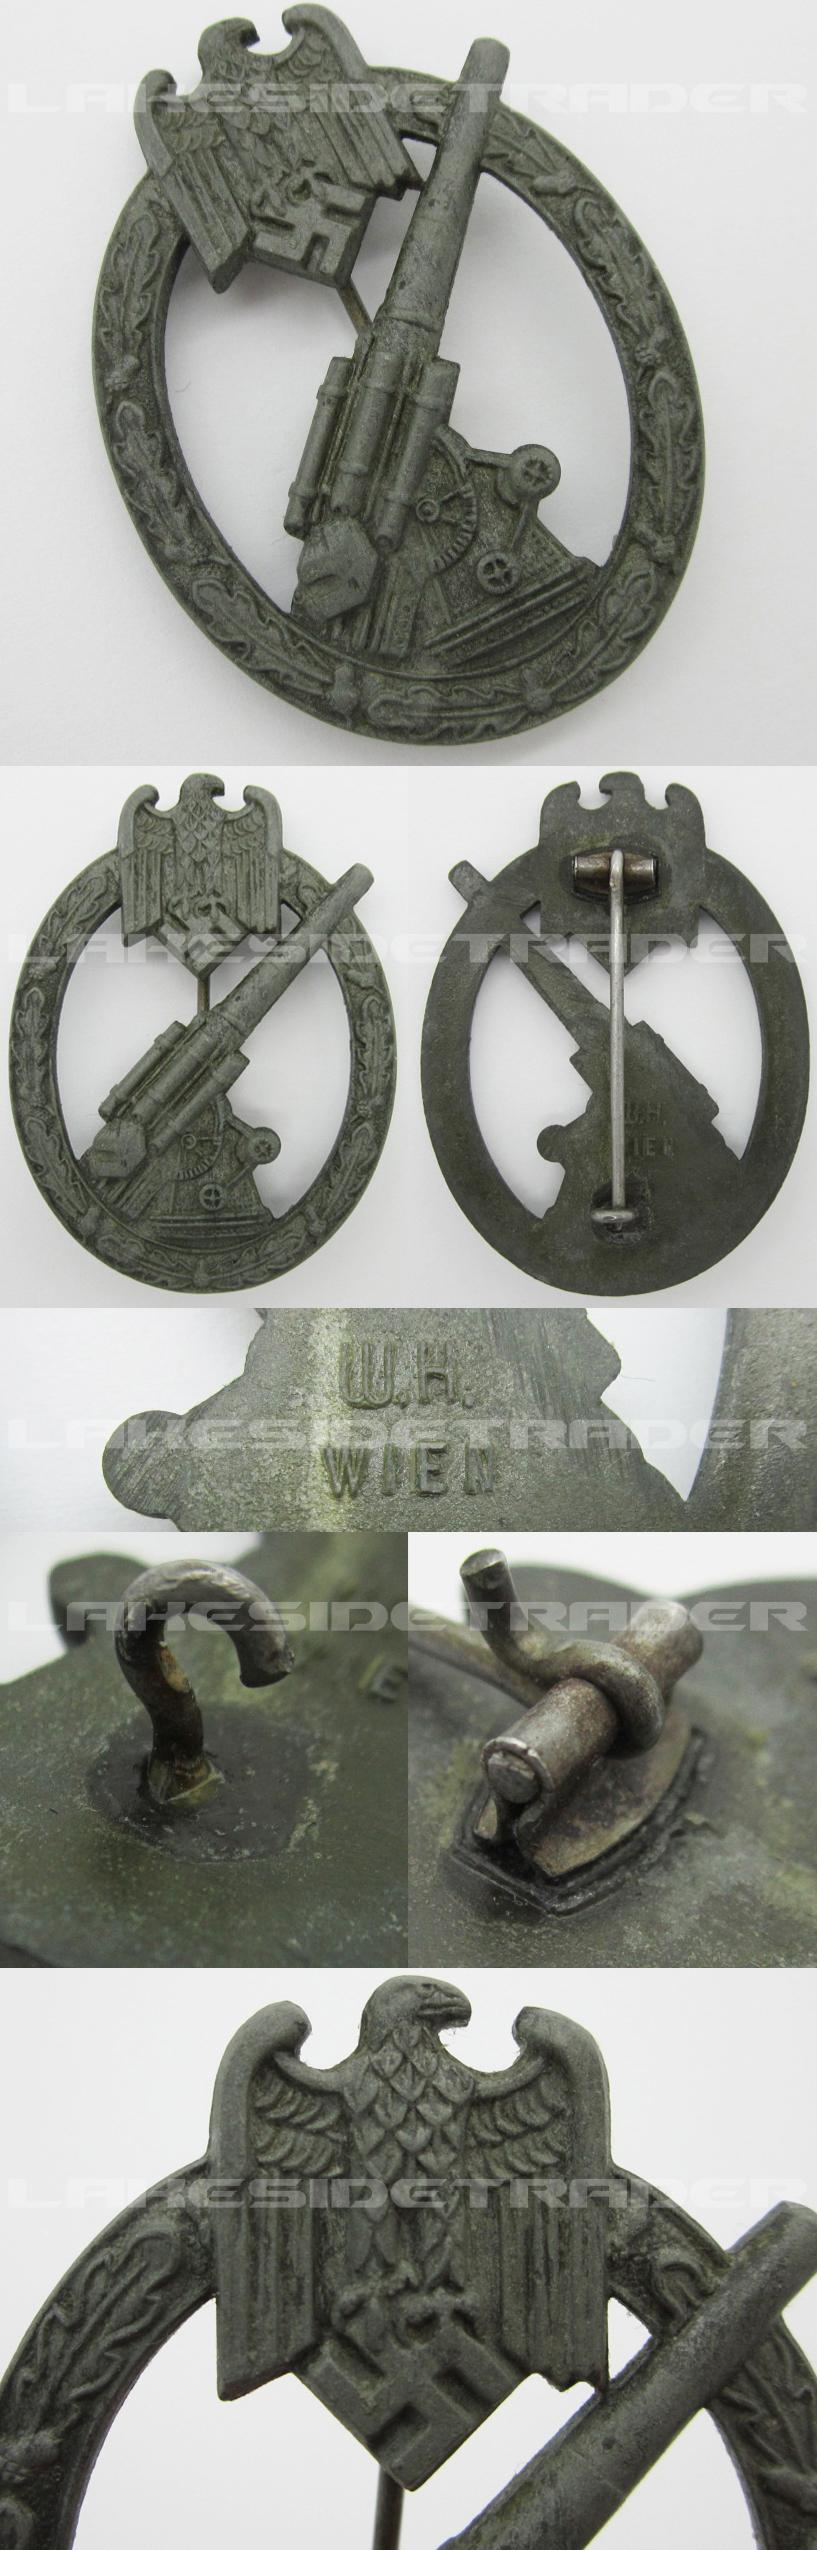 Army Flak Badge by W.H.